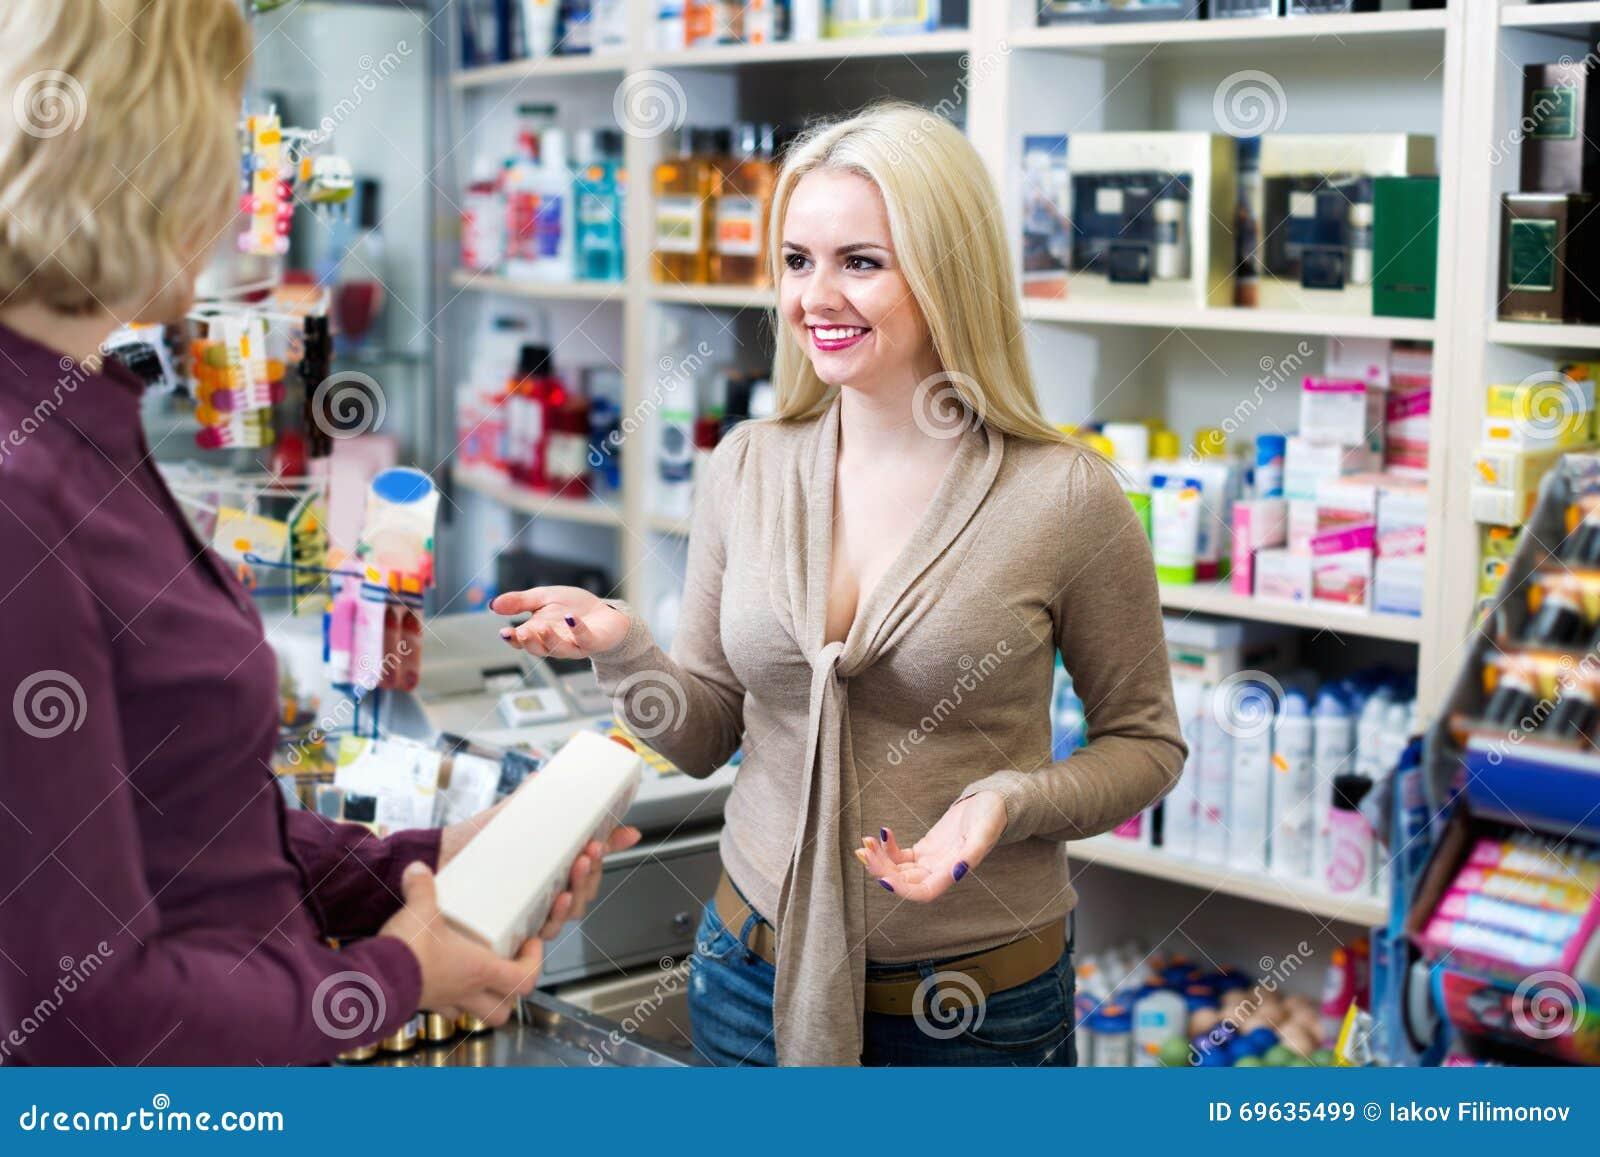 Клиент на магазине оплачивая на кассовом аппарате